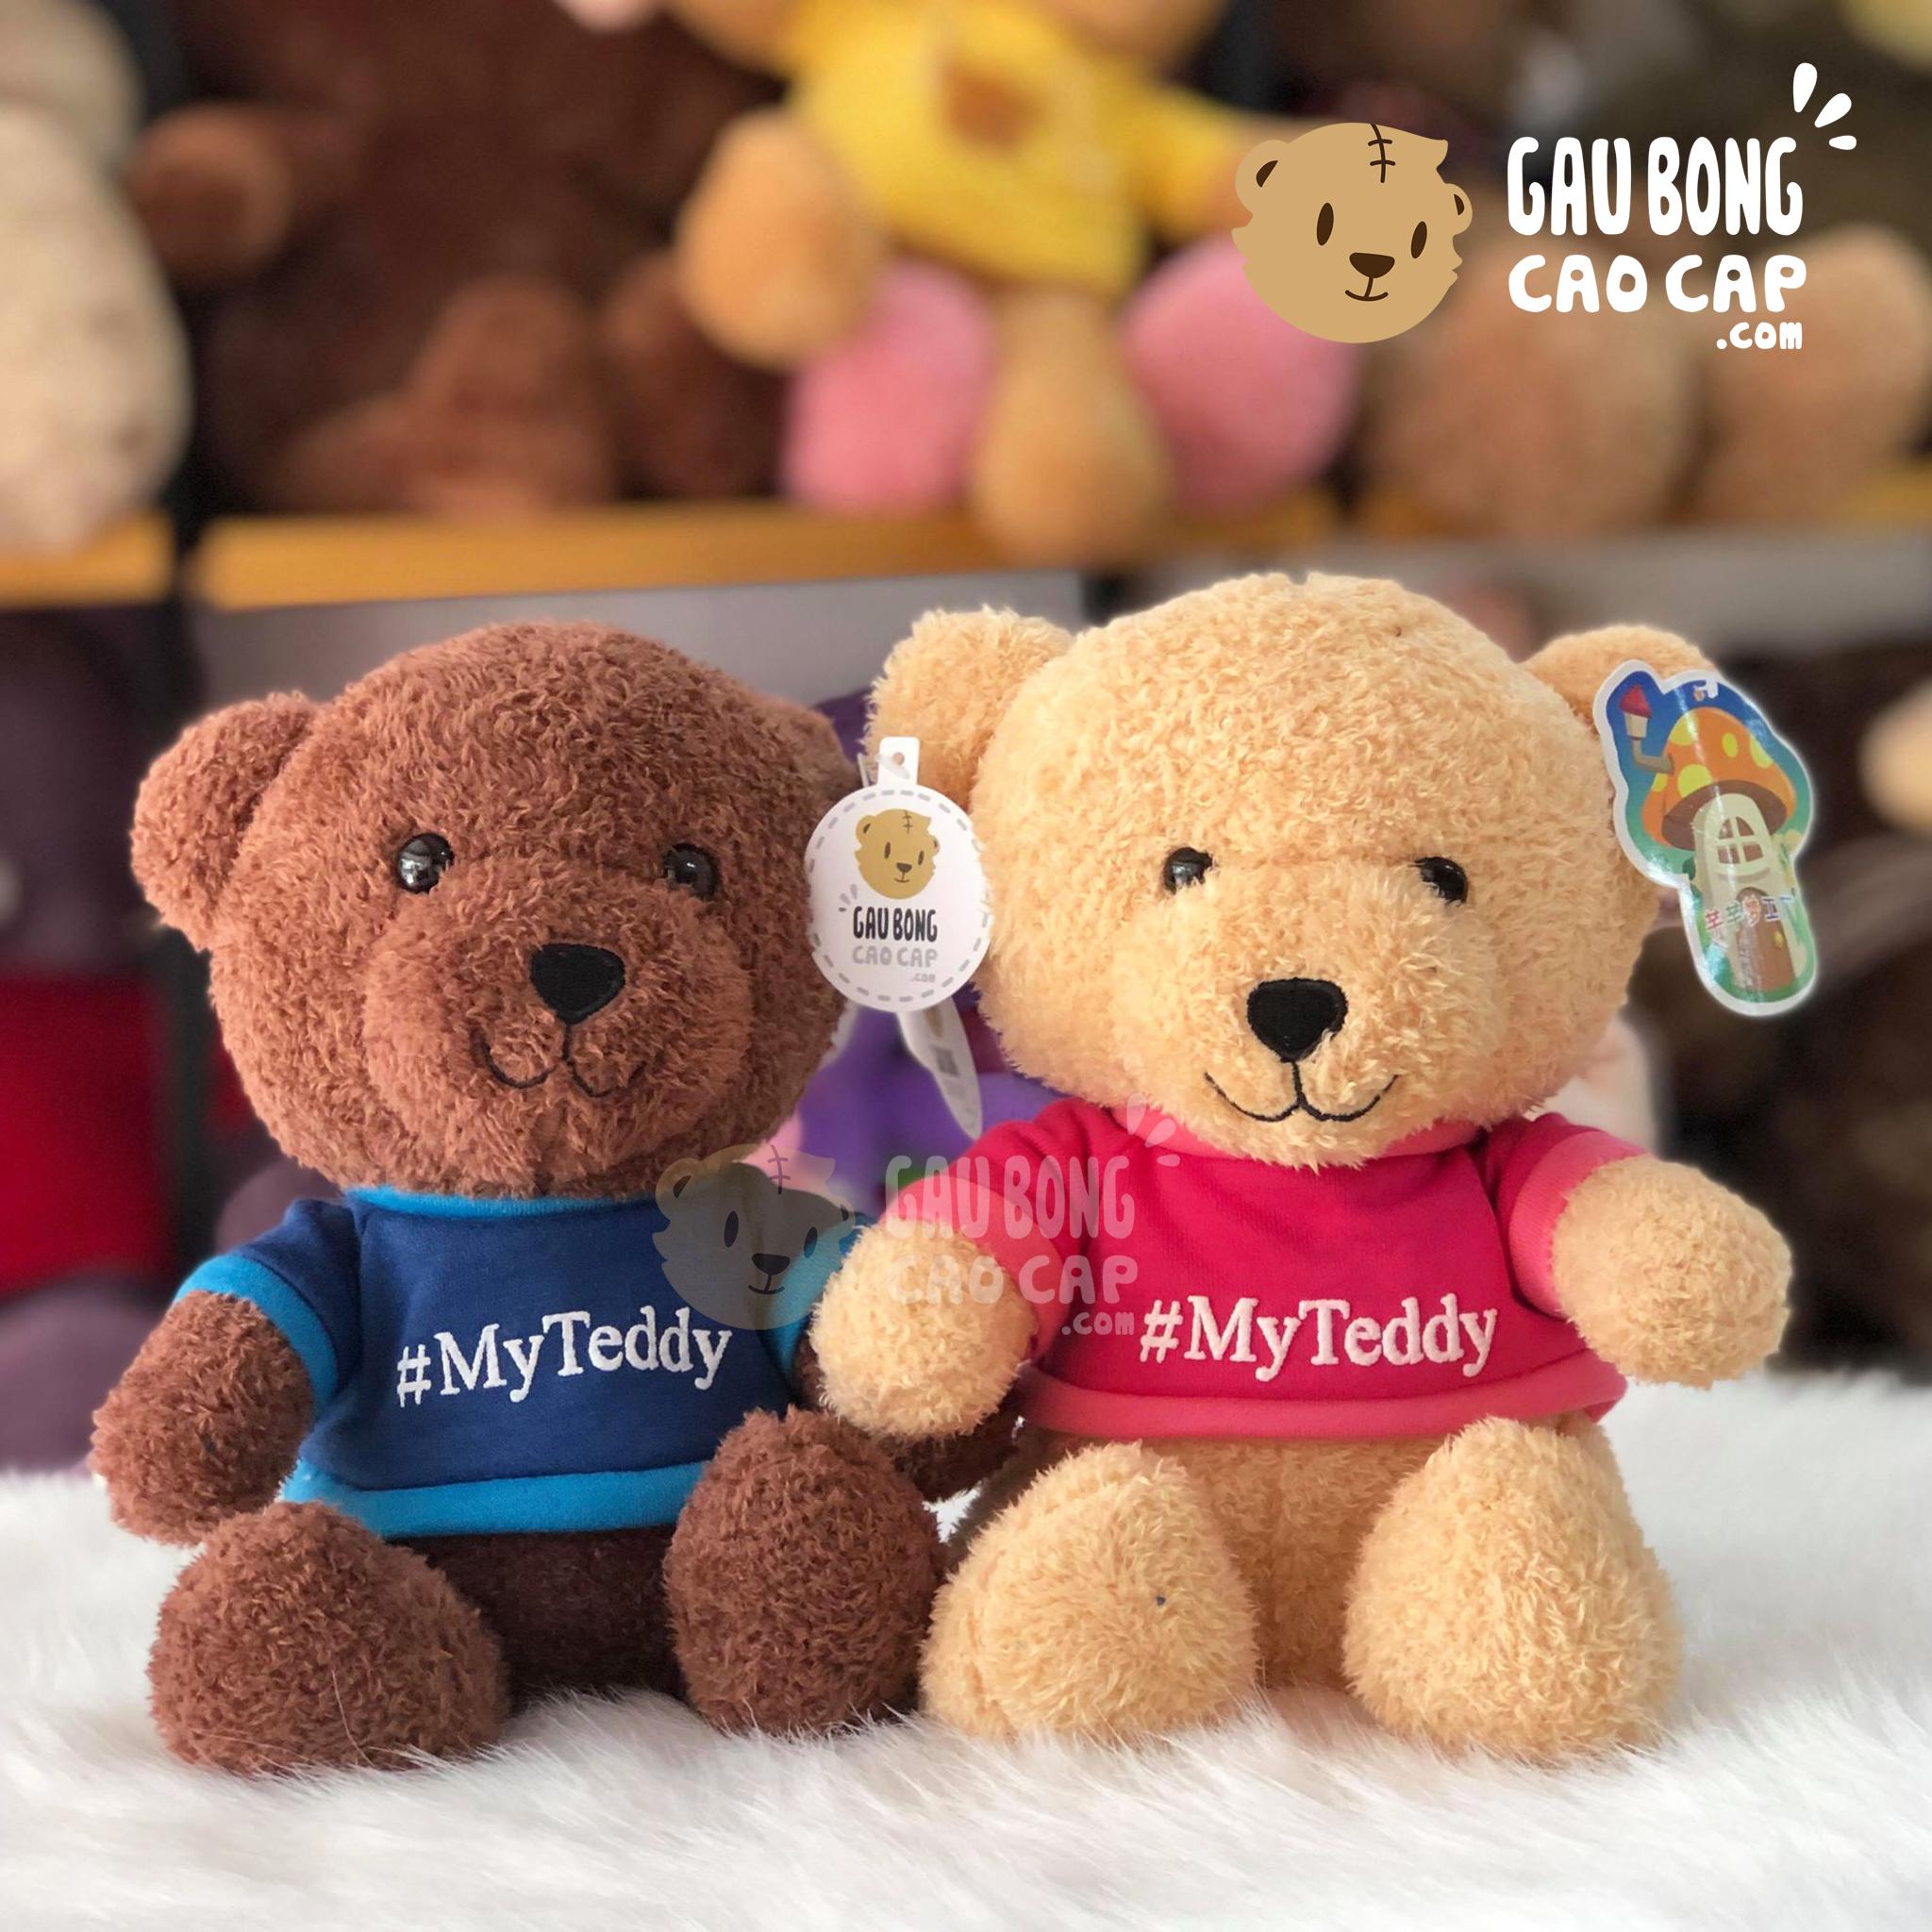 Gấu Teddy lông xù mặc áo My Teddy